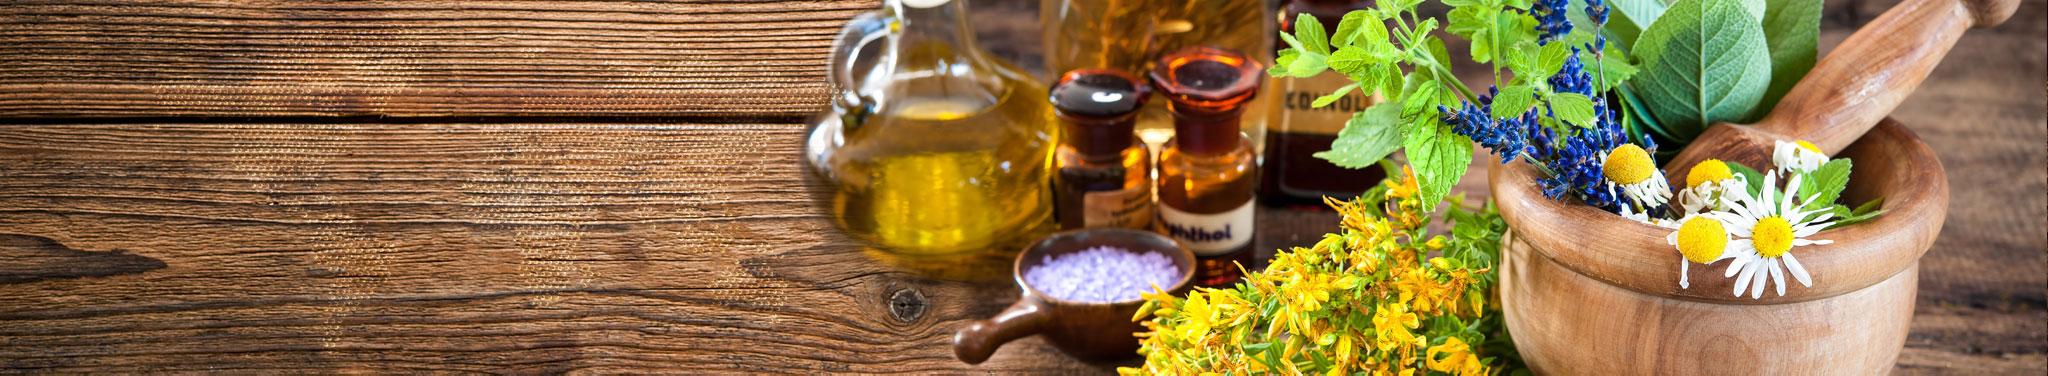 Öle und Kräuter auf Holztisch